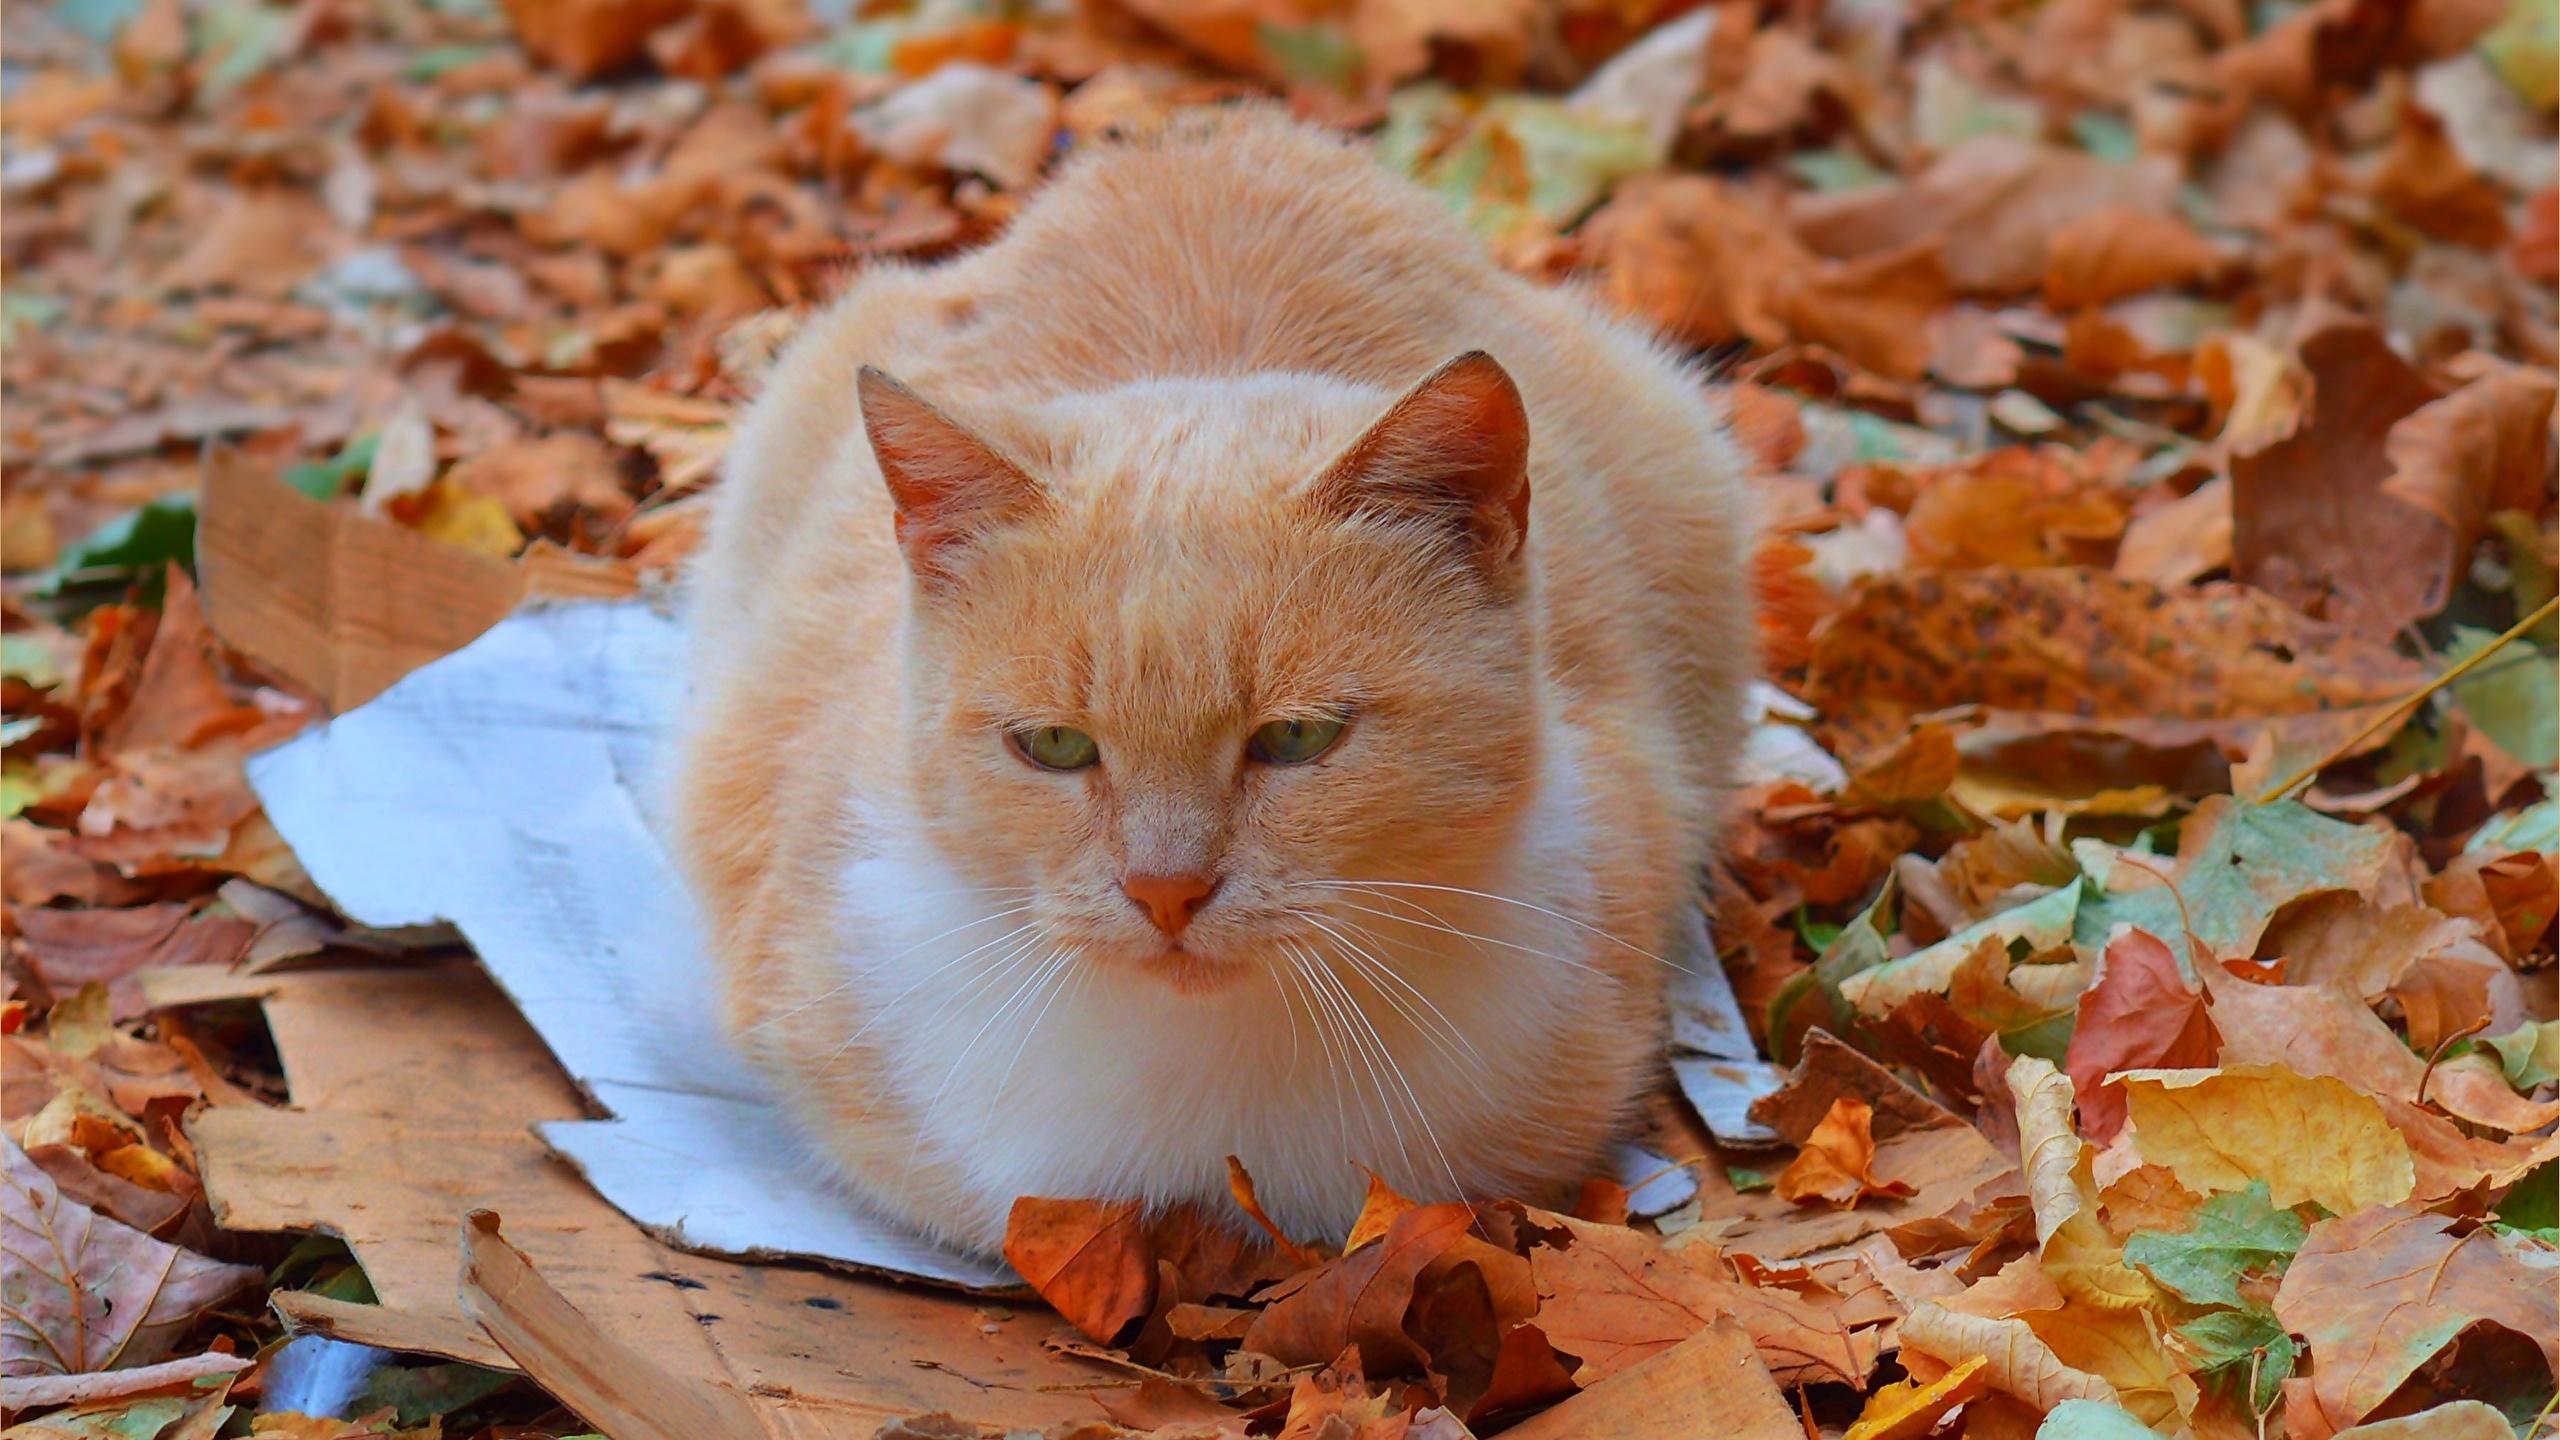 壁紙2560x1440飼い猫オレンジ色動物木の葉動物